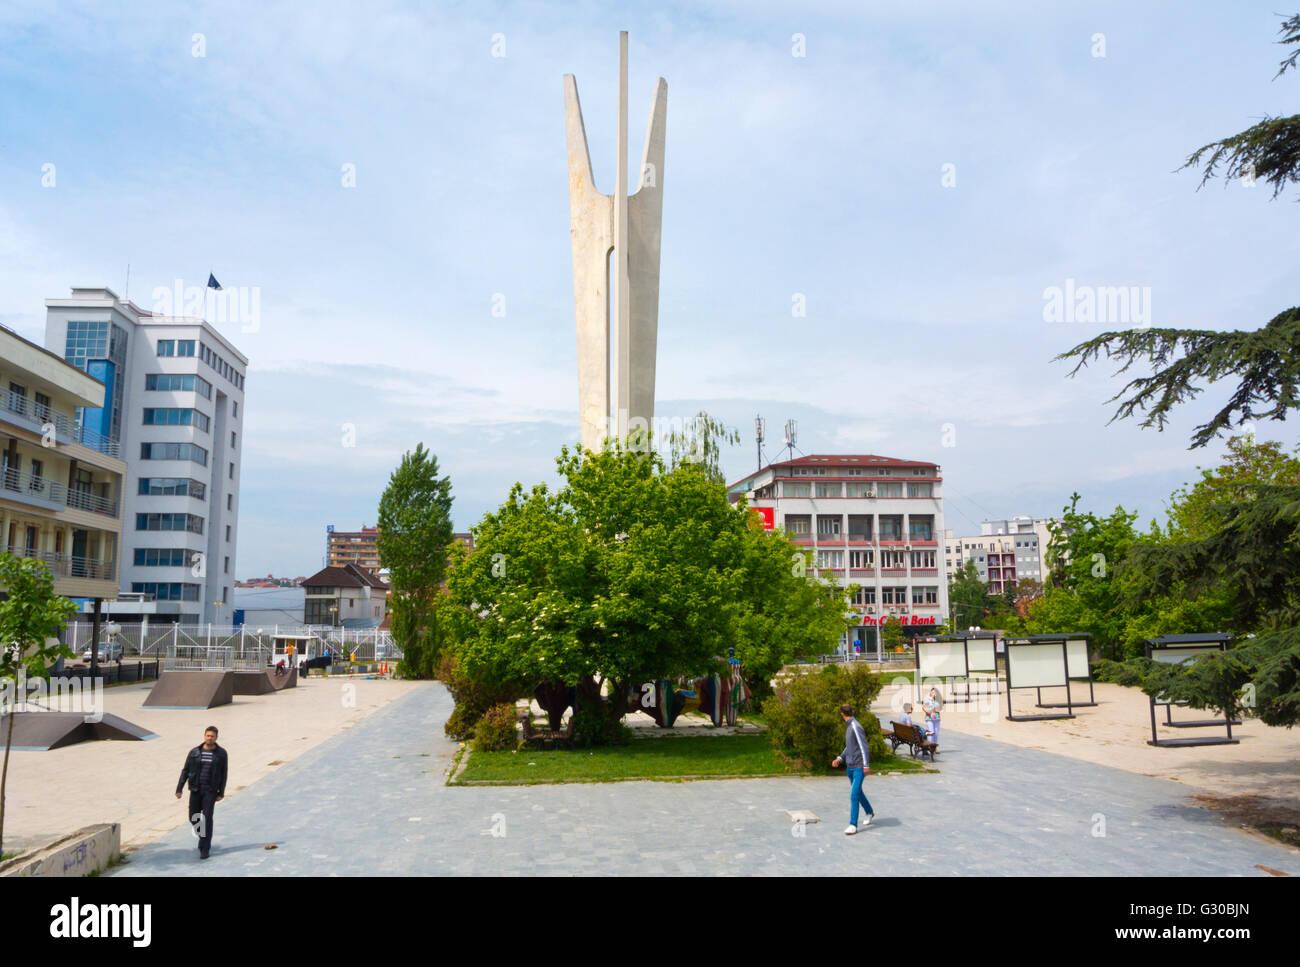 Denkmal der Brüderlichkeit und Einheit, Pristina, Kosovo, Serbien Stockbild